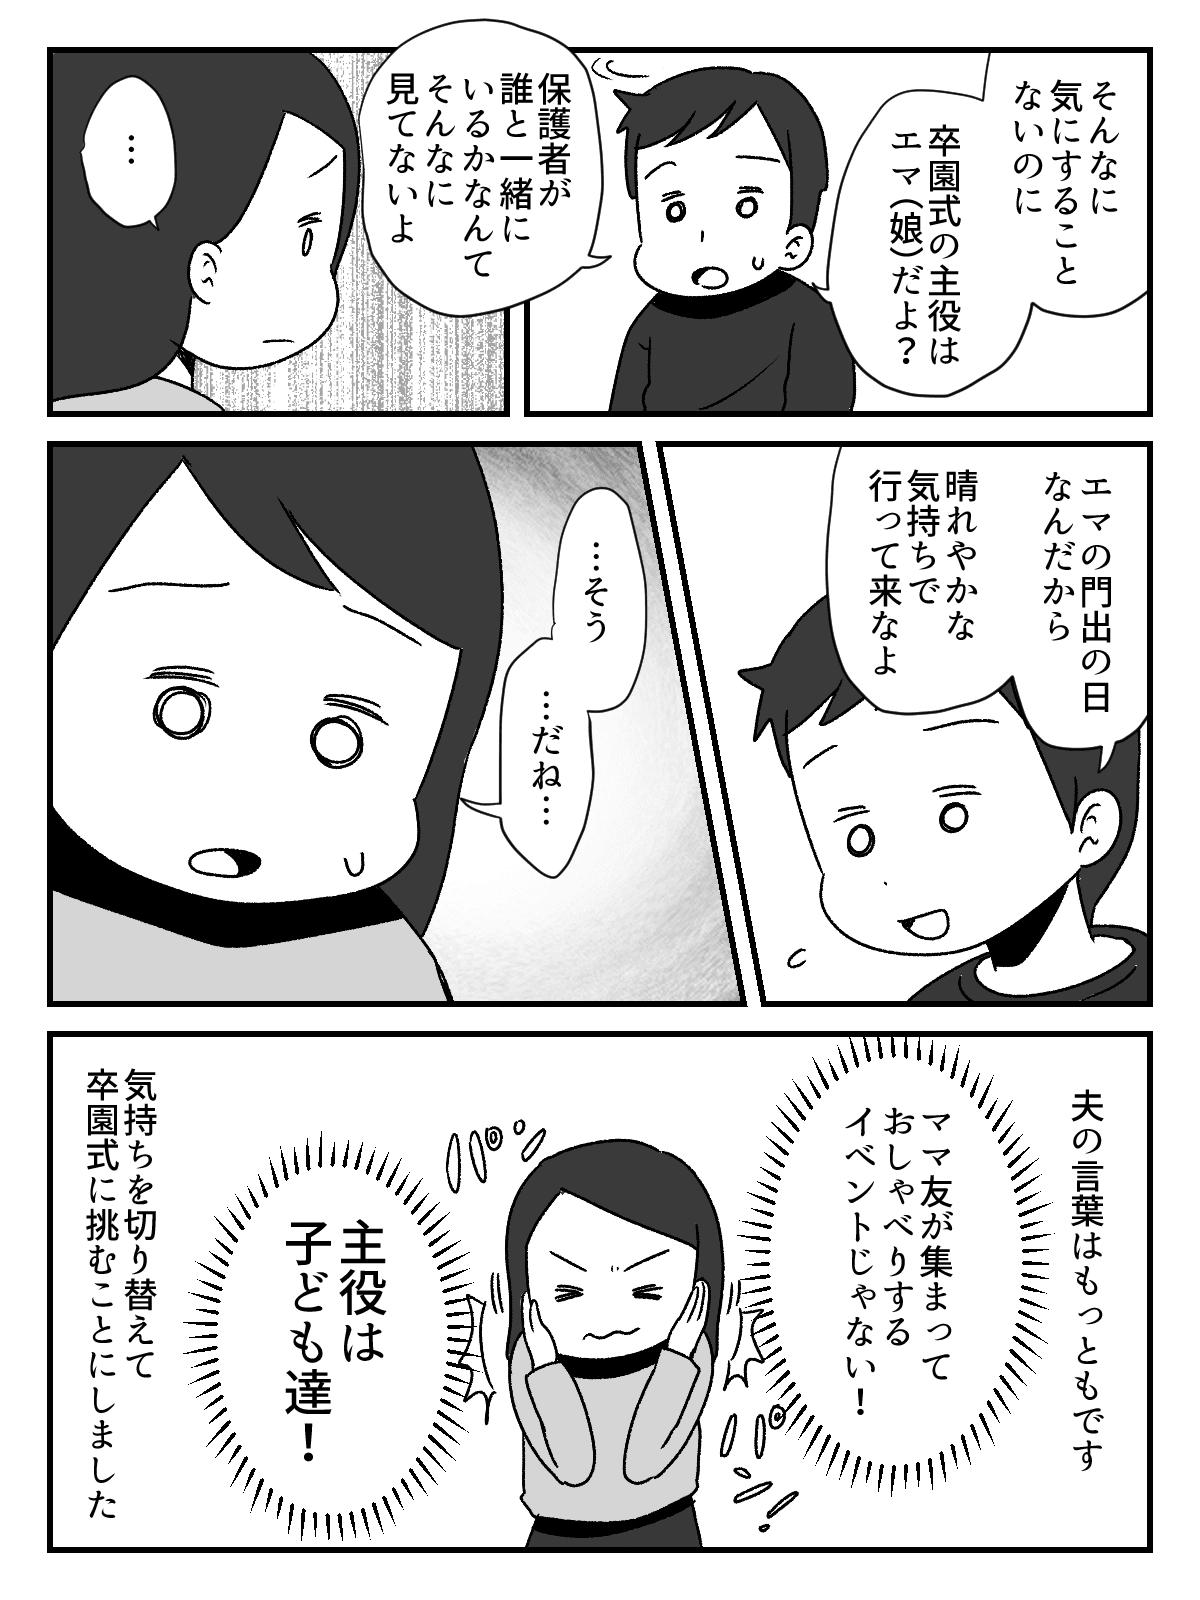 ママ友がいない_出力_002